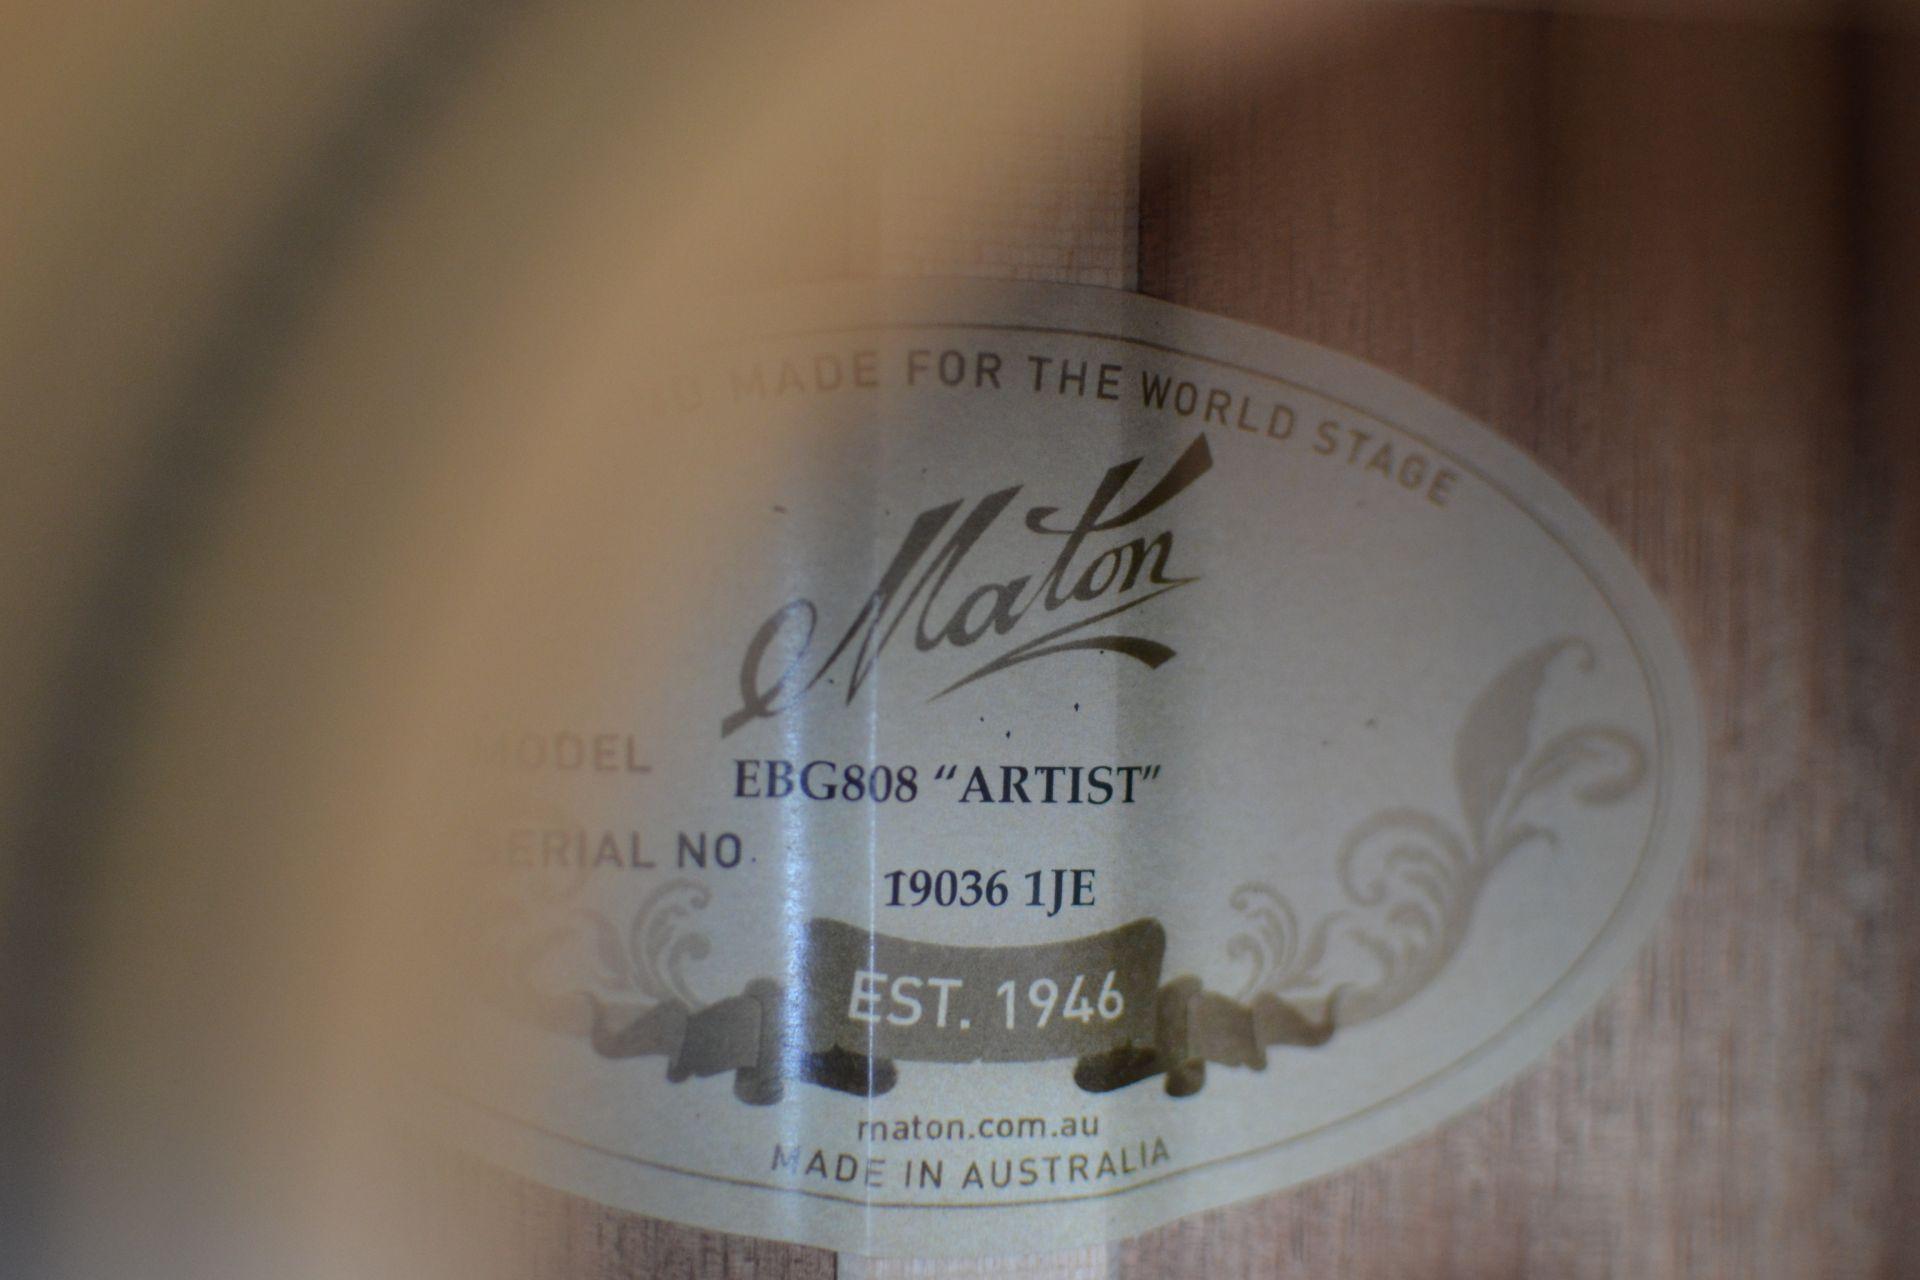 EBG808 ARTISTの指板画像